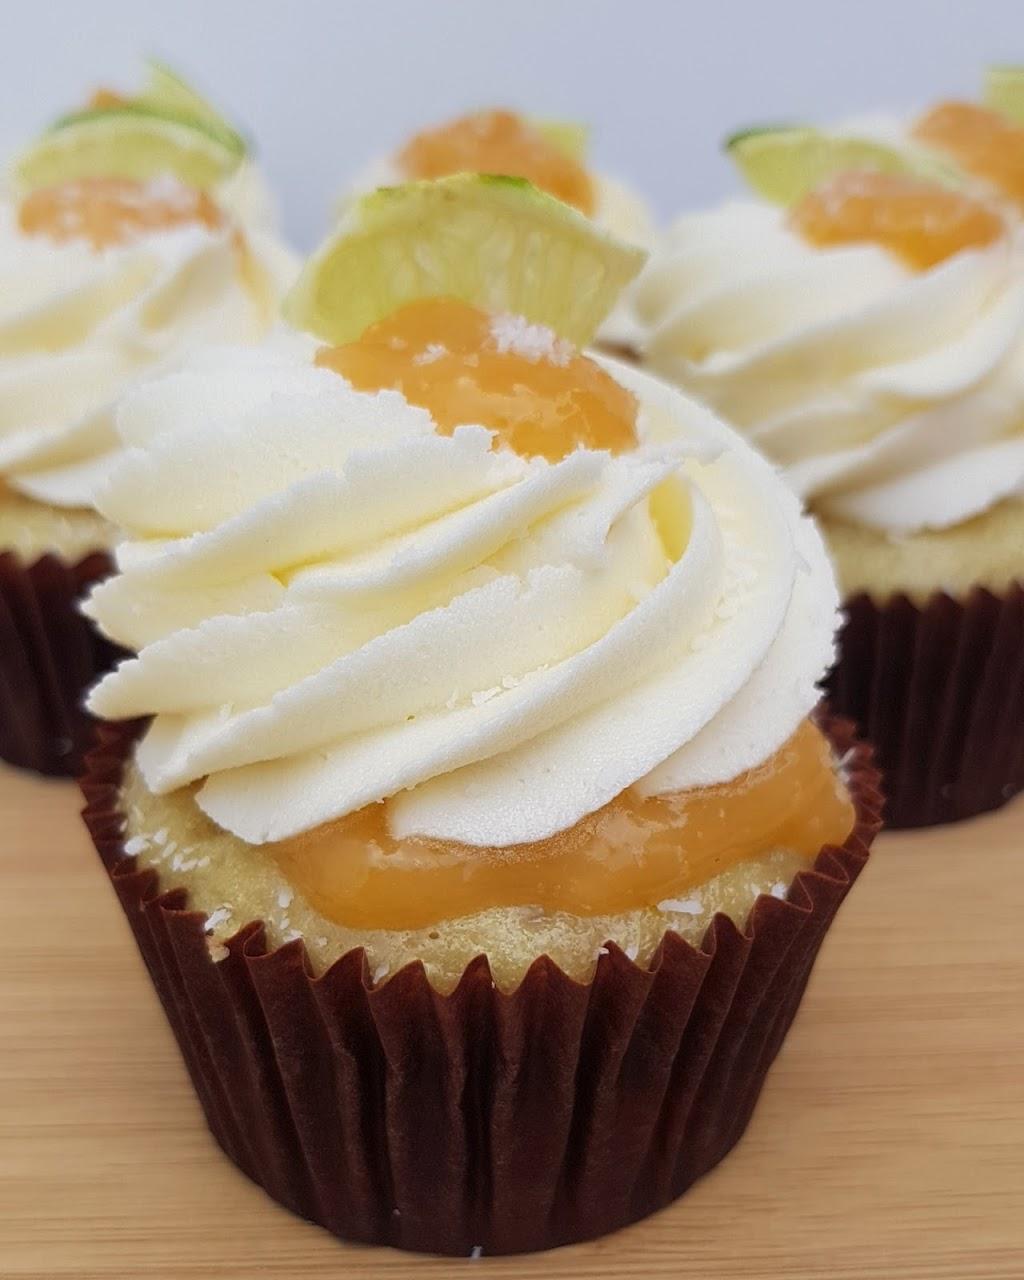 Anastasias bake shop   cafe   76a Addison Ave, Lake Illawarra NSW 2528, Australia   0416772272 OR +61 416 772 272